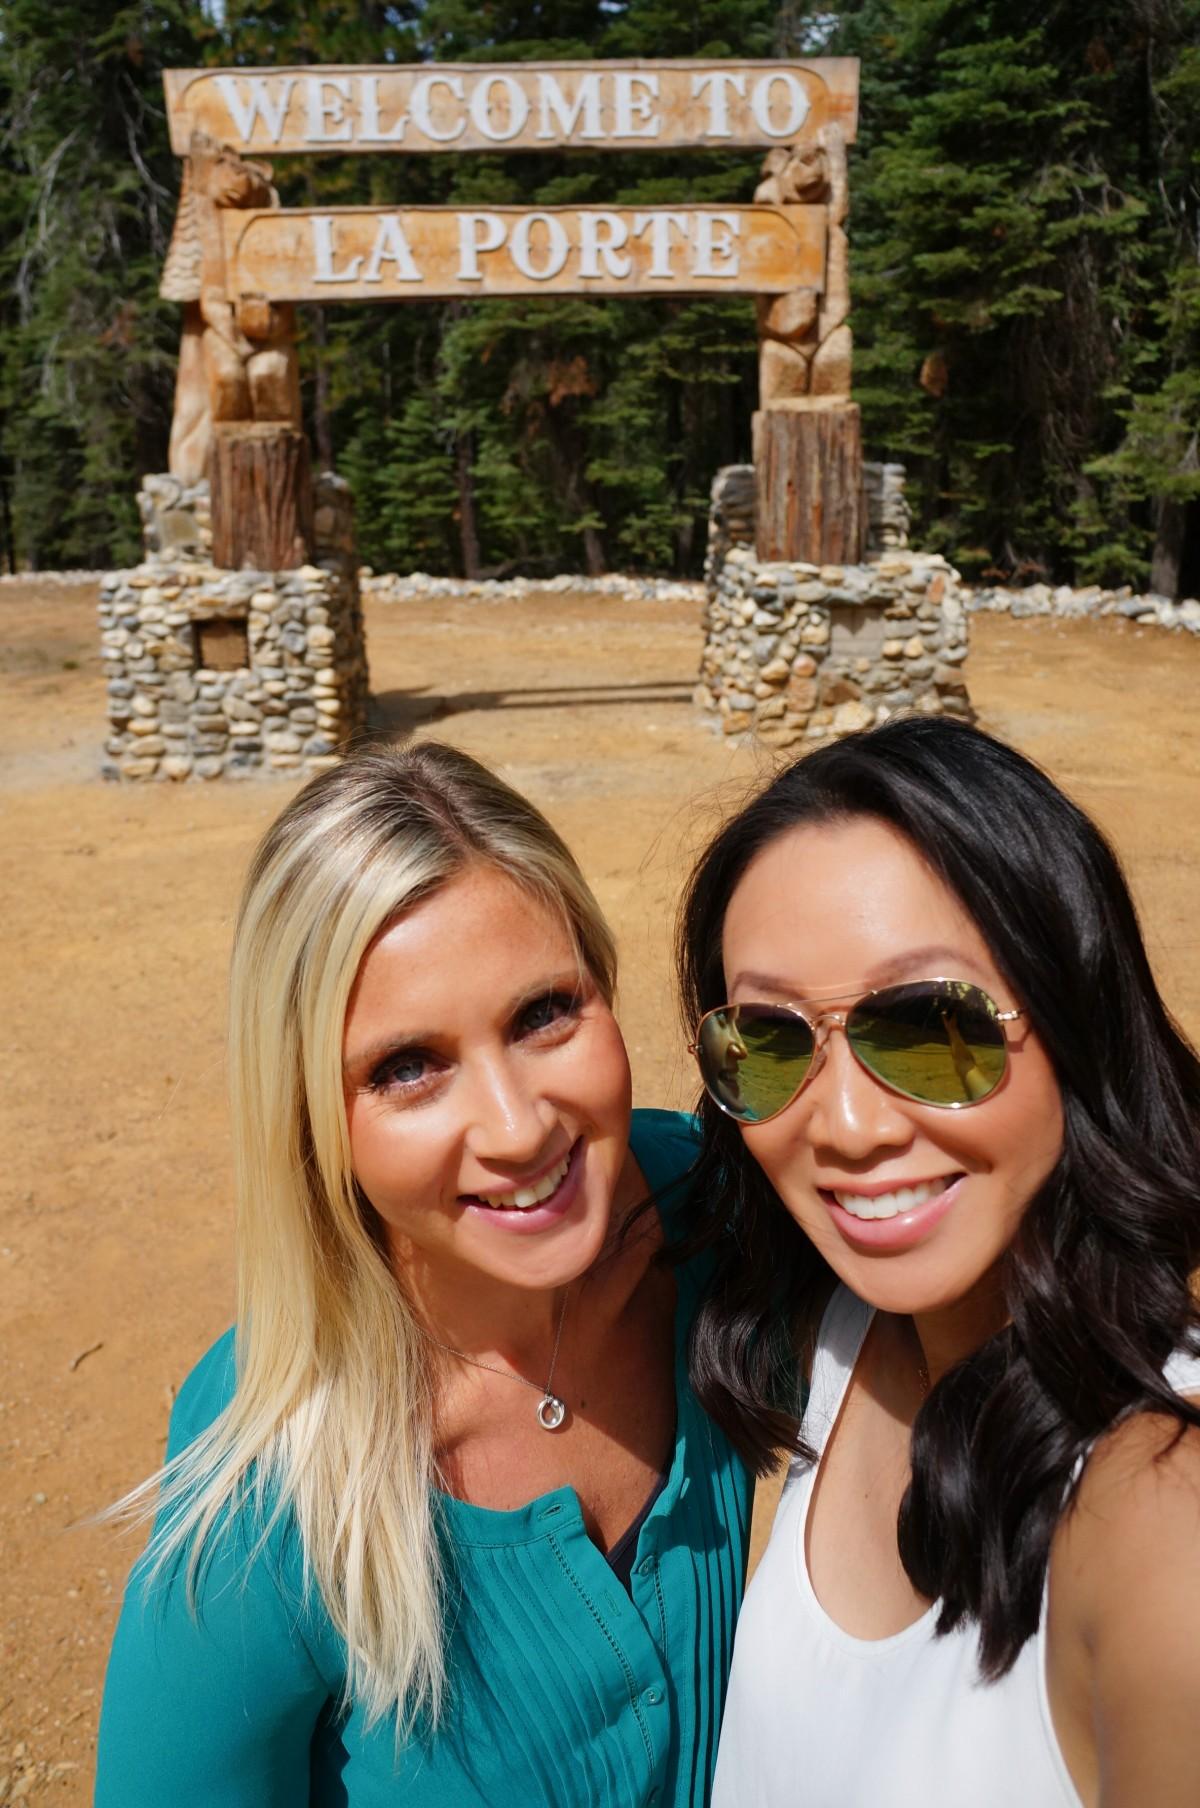 DSC09583_edited_la_porte_california_travel_blog_california